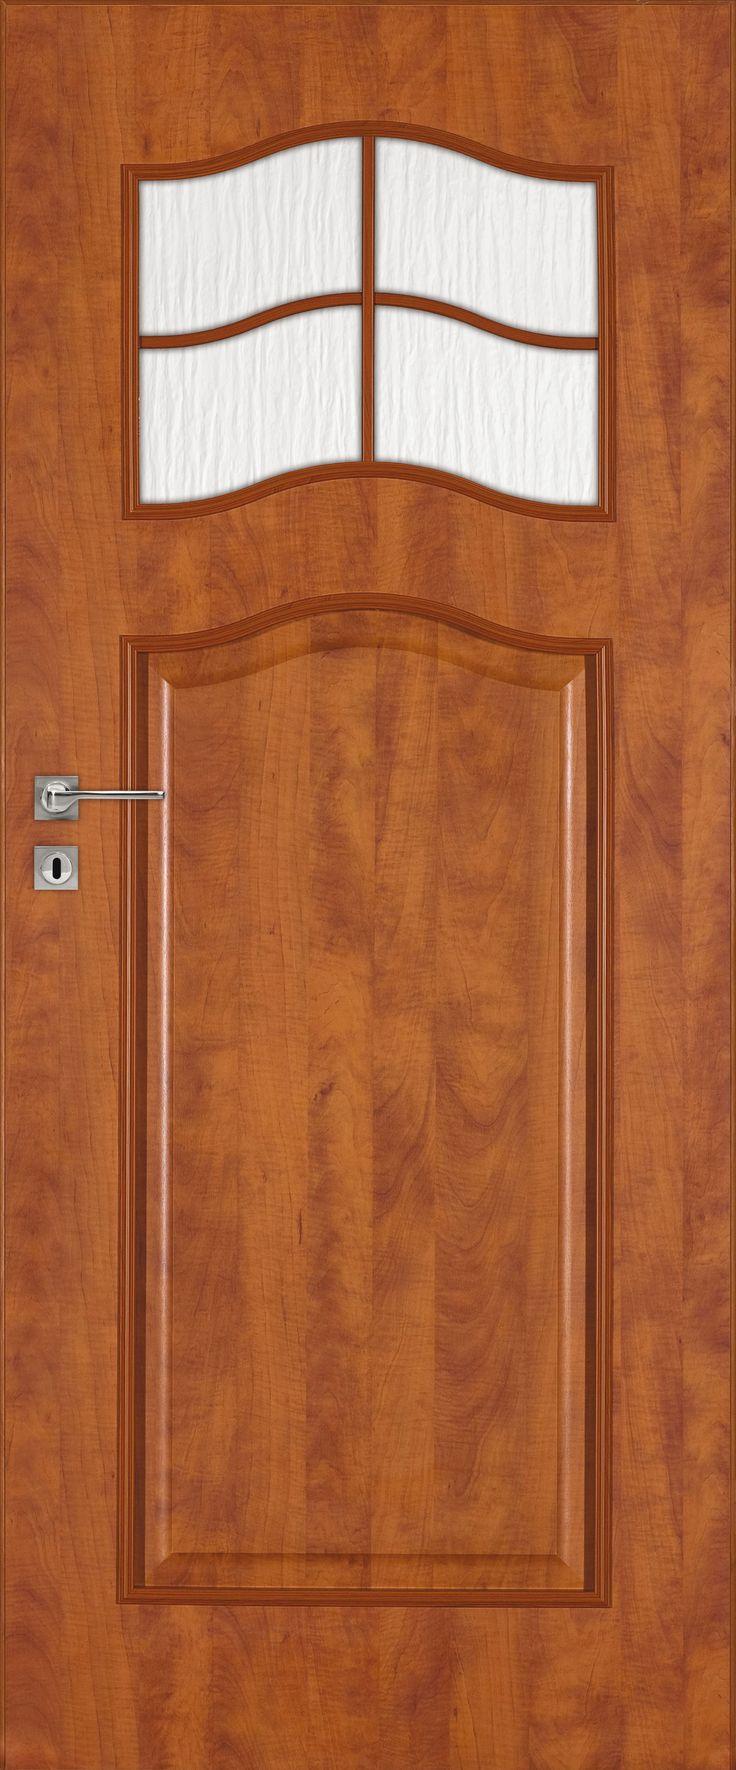 DRE - drzwi dobrych wnętrz - Płytowe